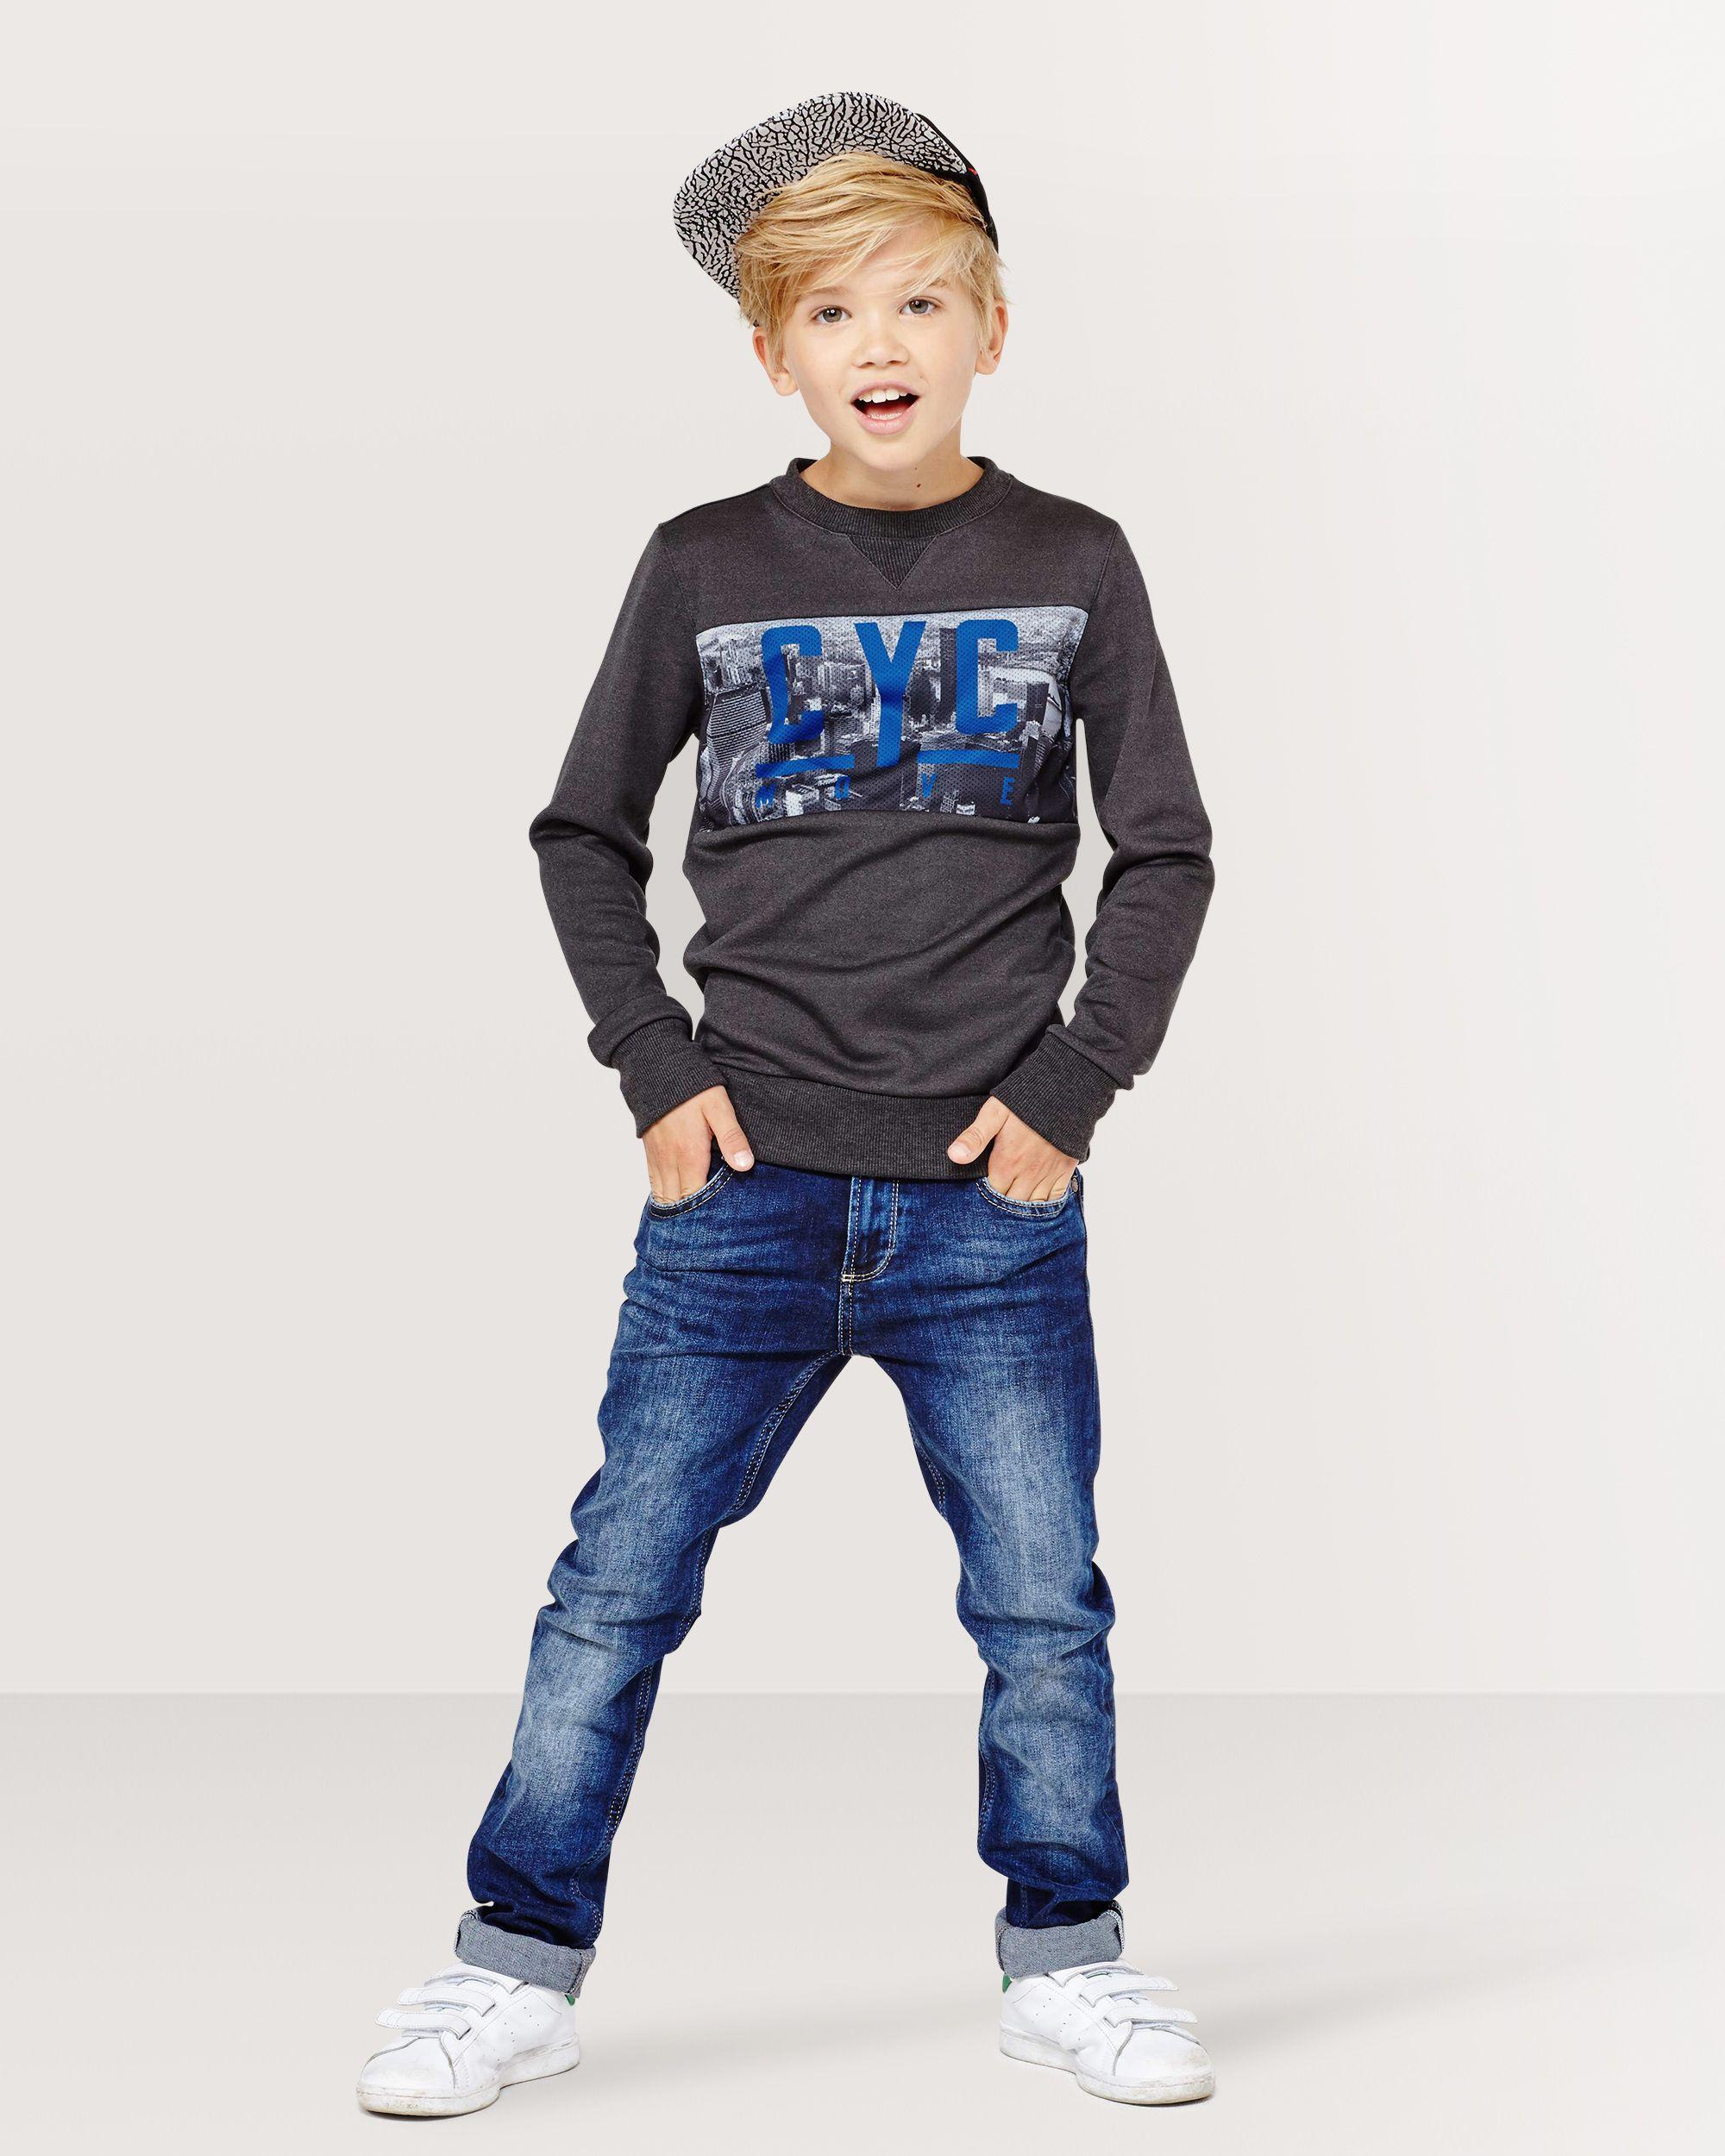 Pin By Juli On Milka Kids Fashion Boy Boys Fashion 2017